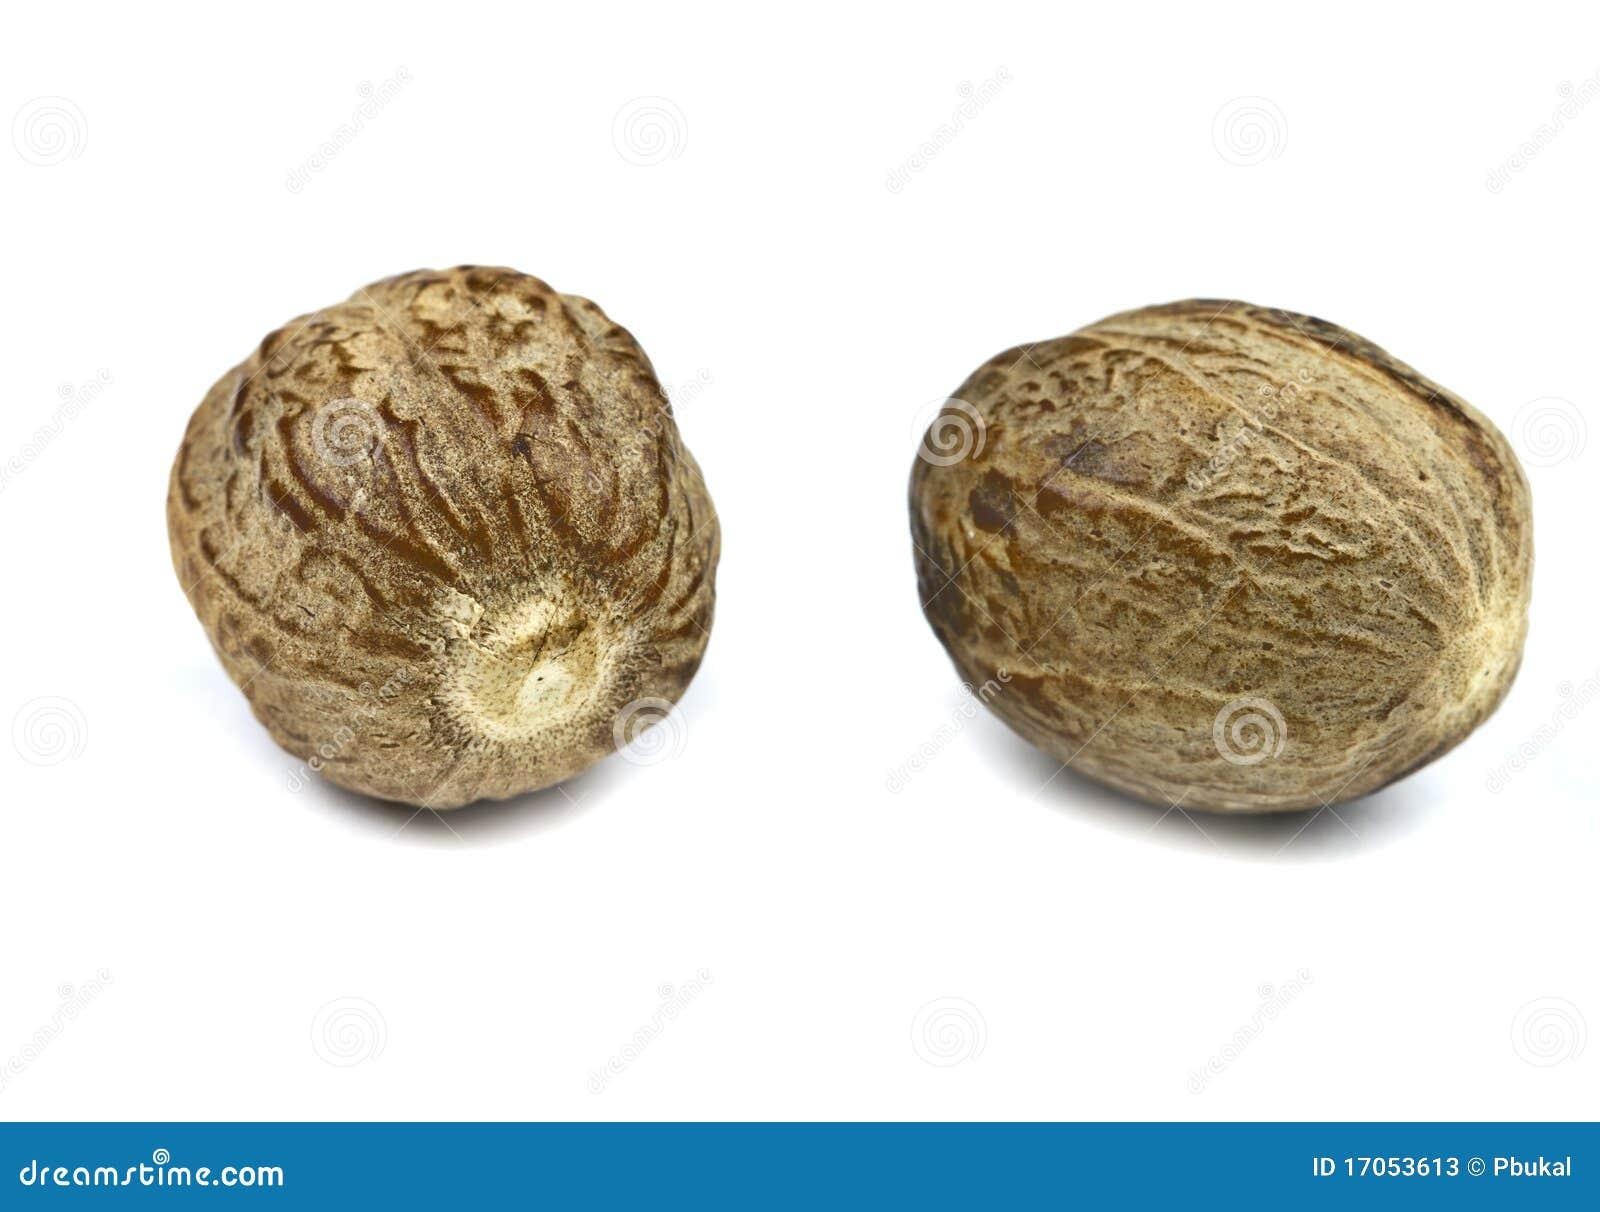 Nutmegs